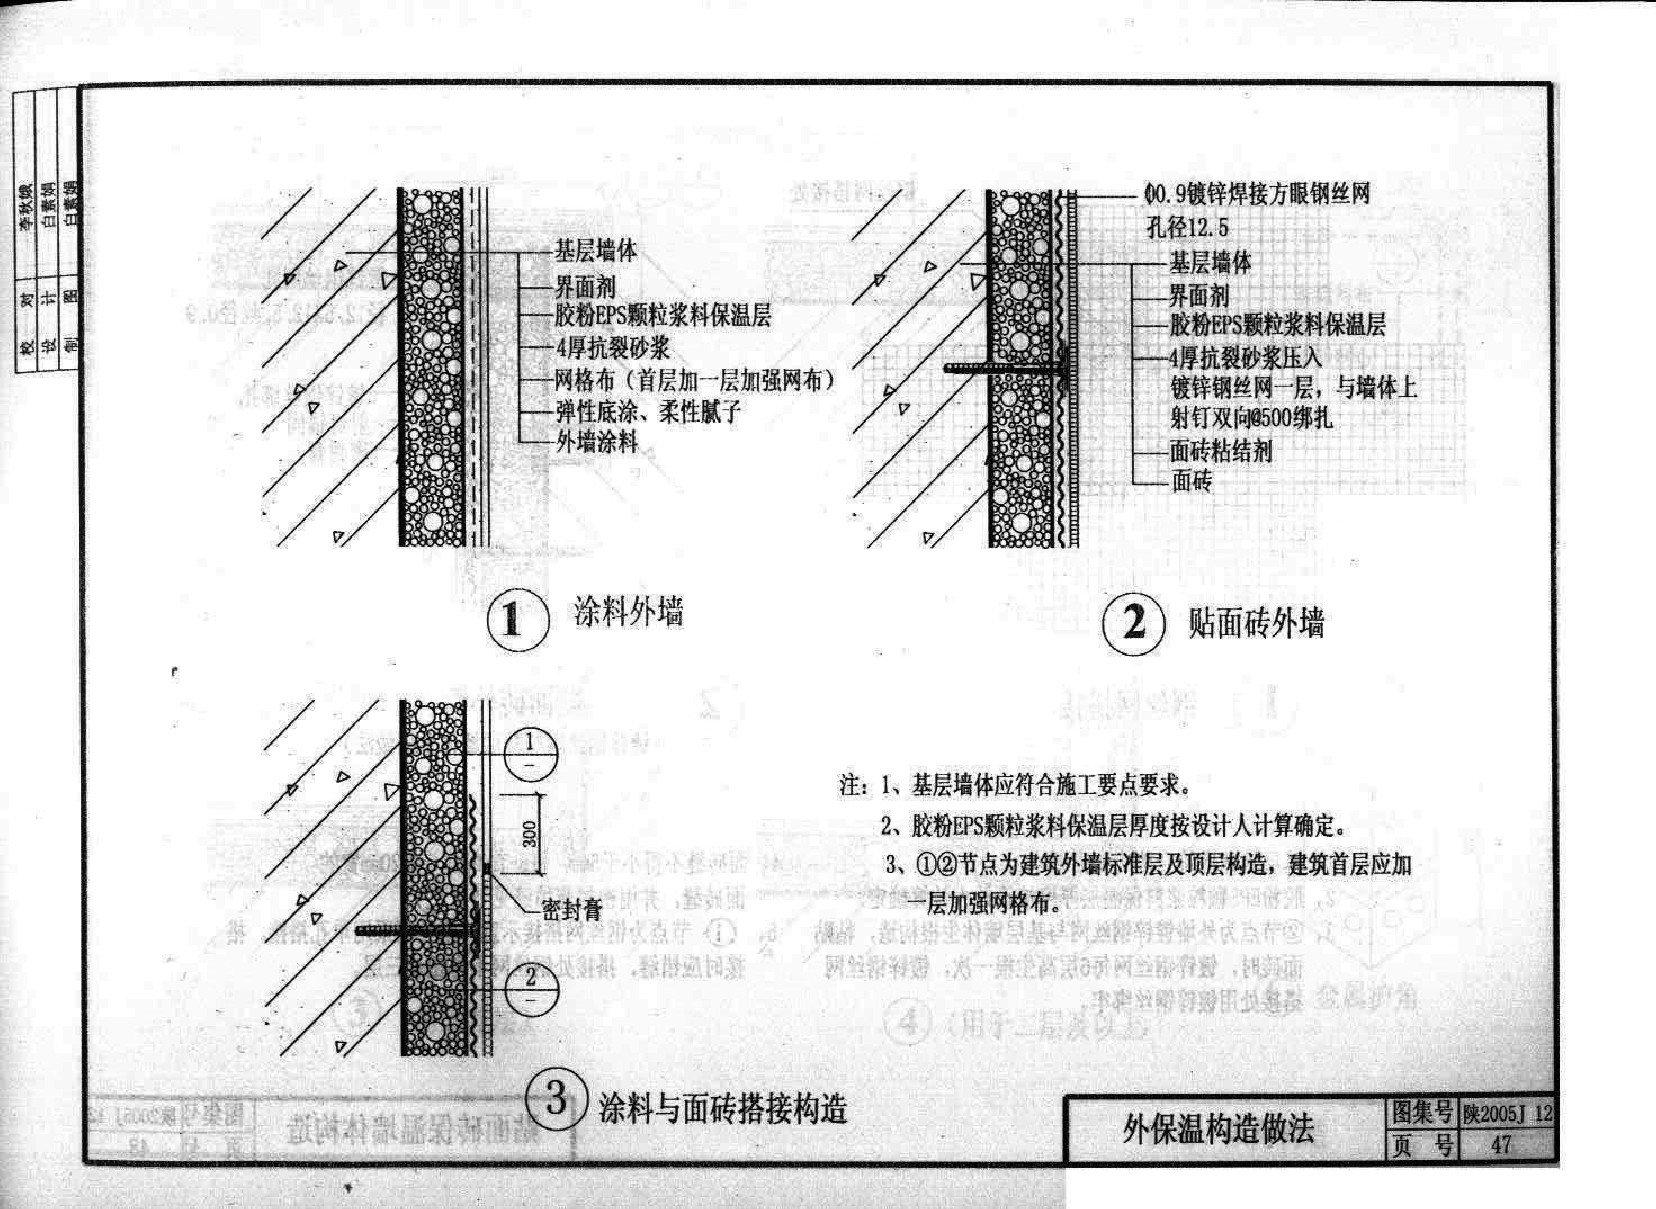 陕2005J12外墙保温构造图集  0